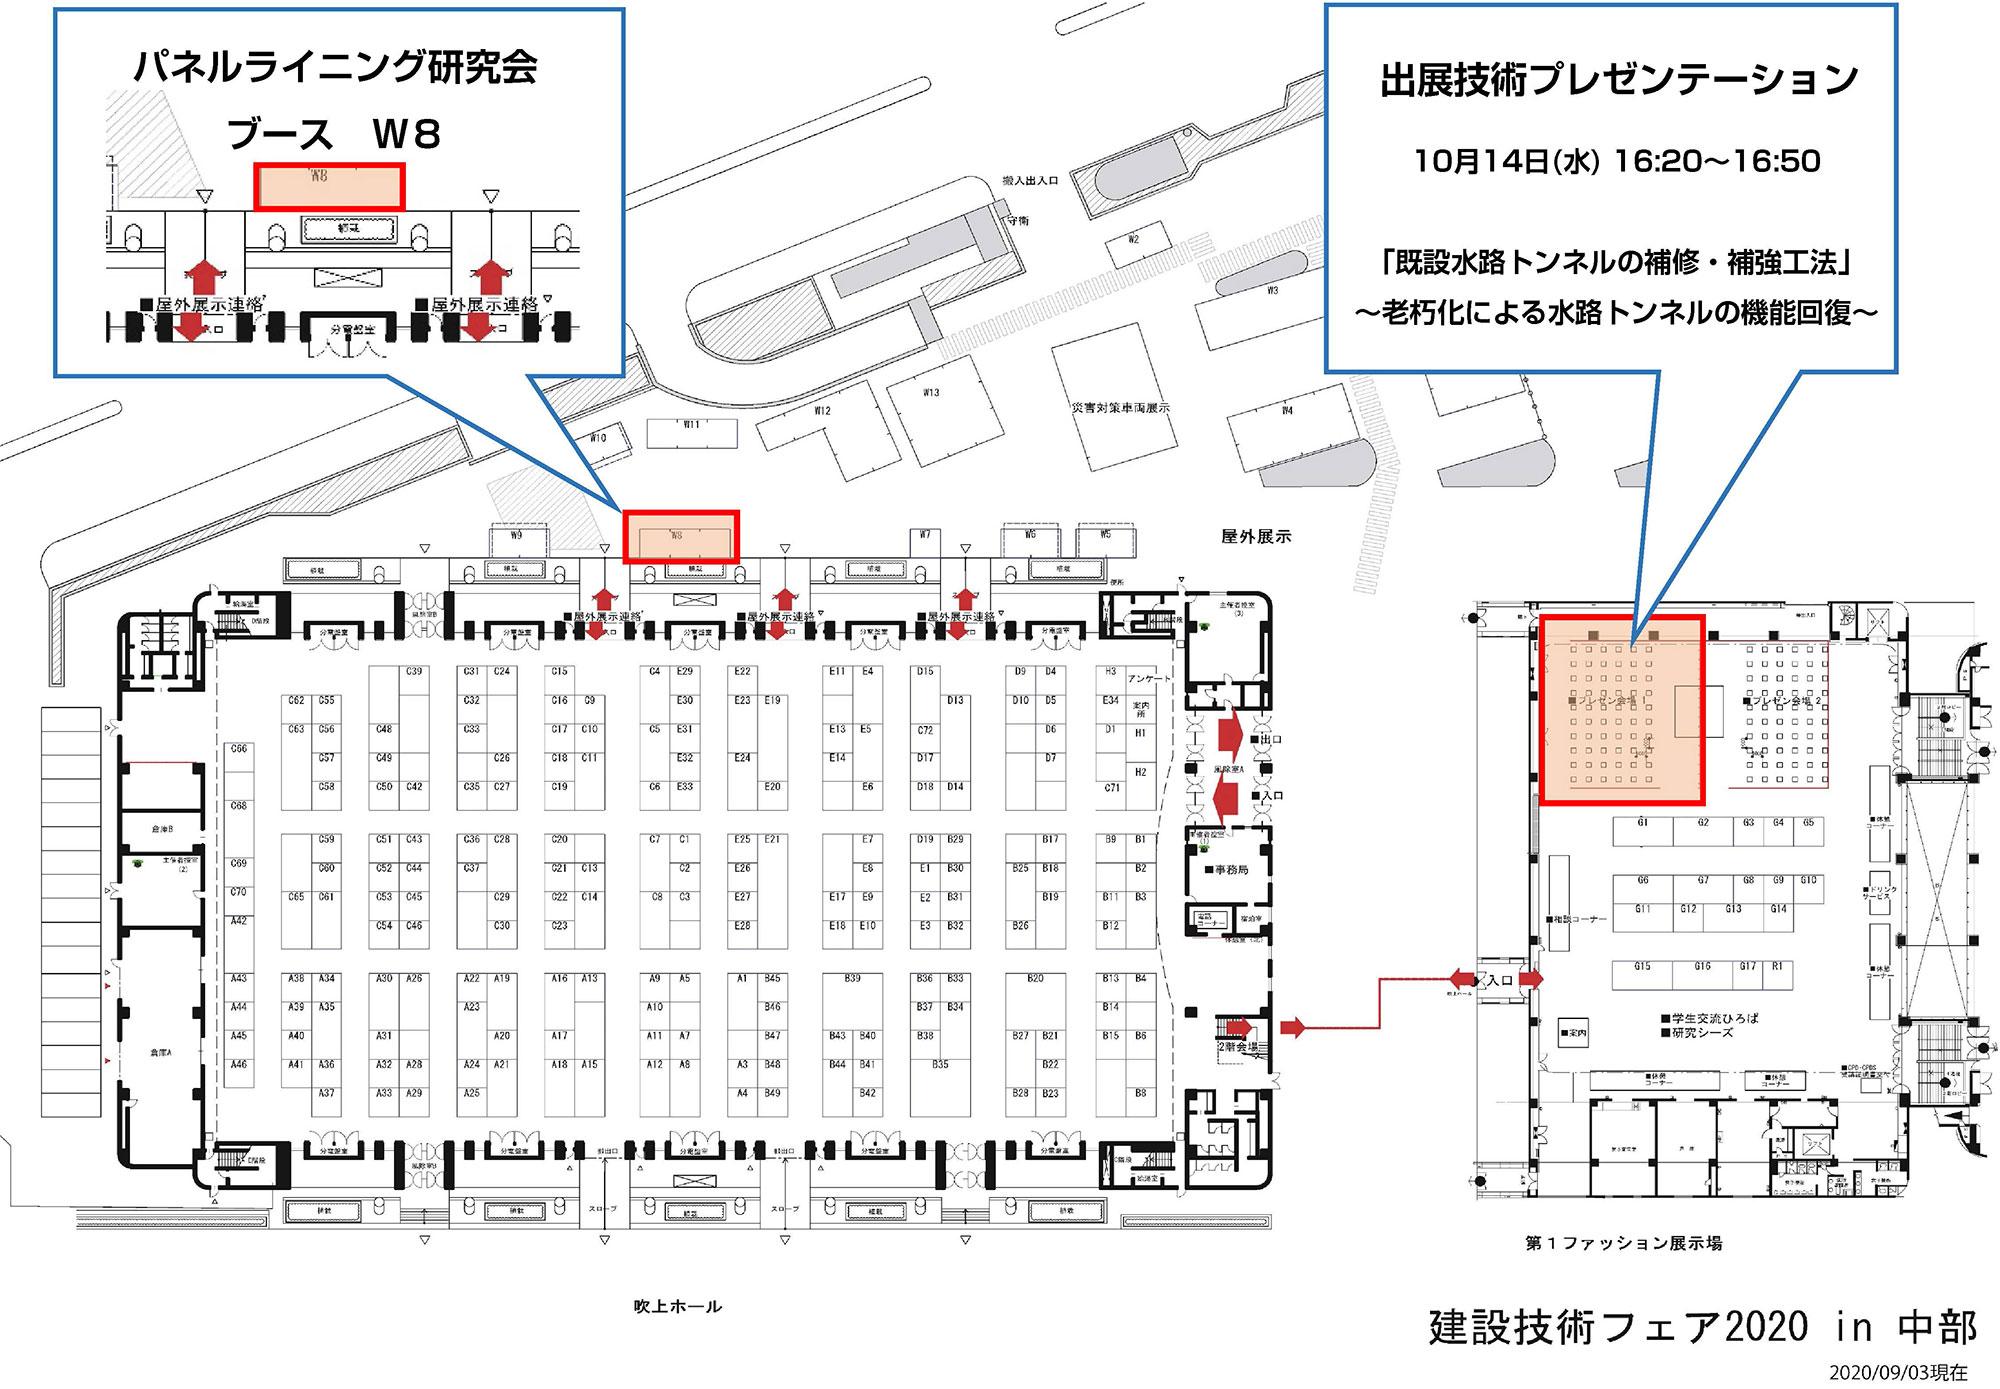 建設技術フェア2020in中部 パネルライニング研究会ブース W8